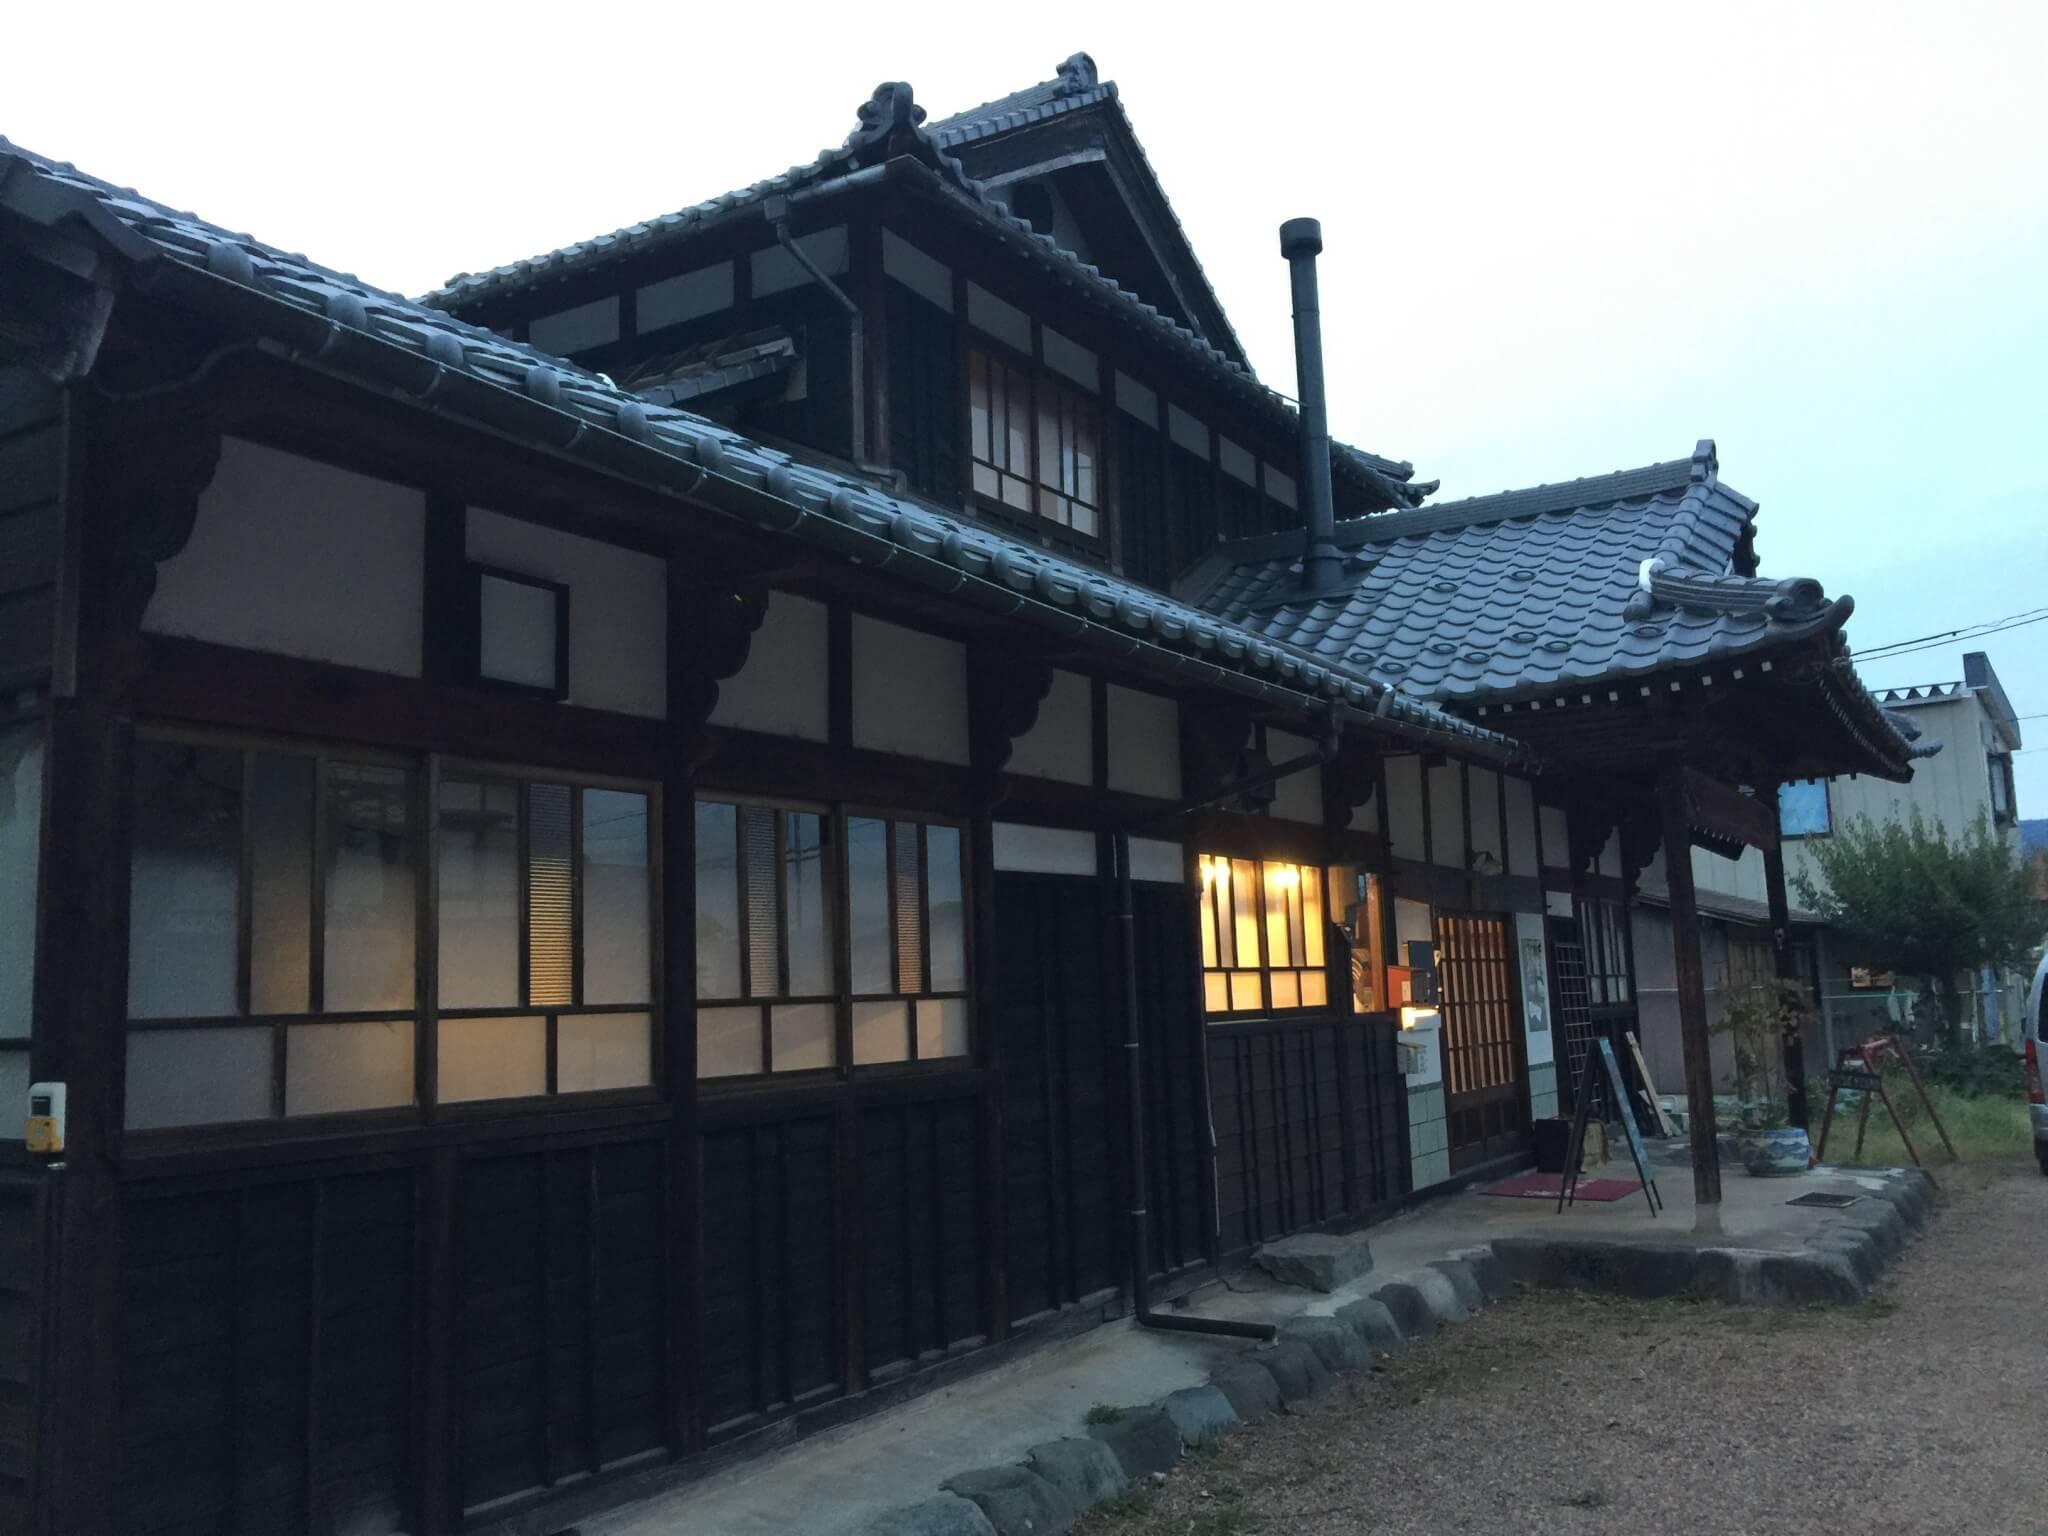 ゲストハウス・ナマケモノ(namecameono)の外観